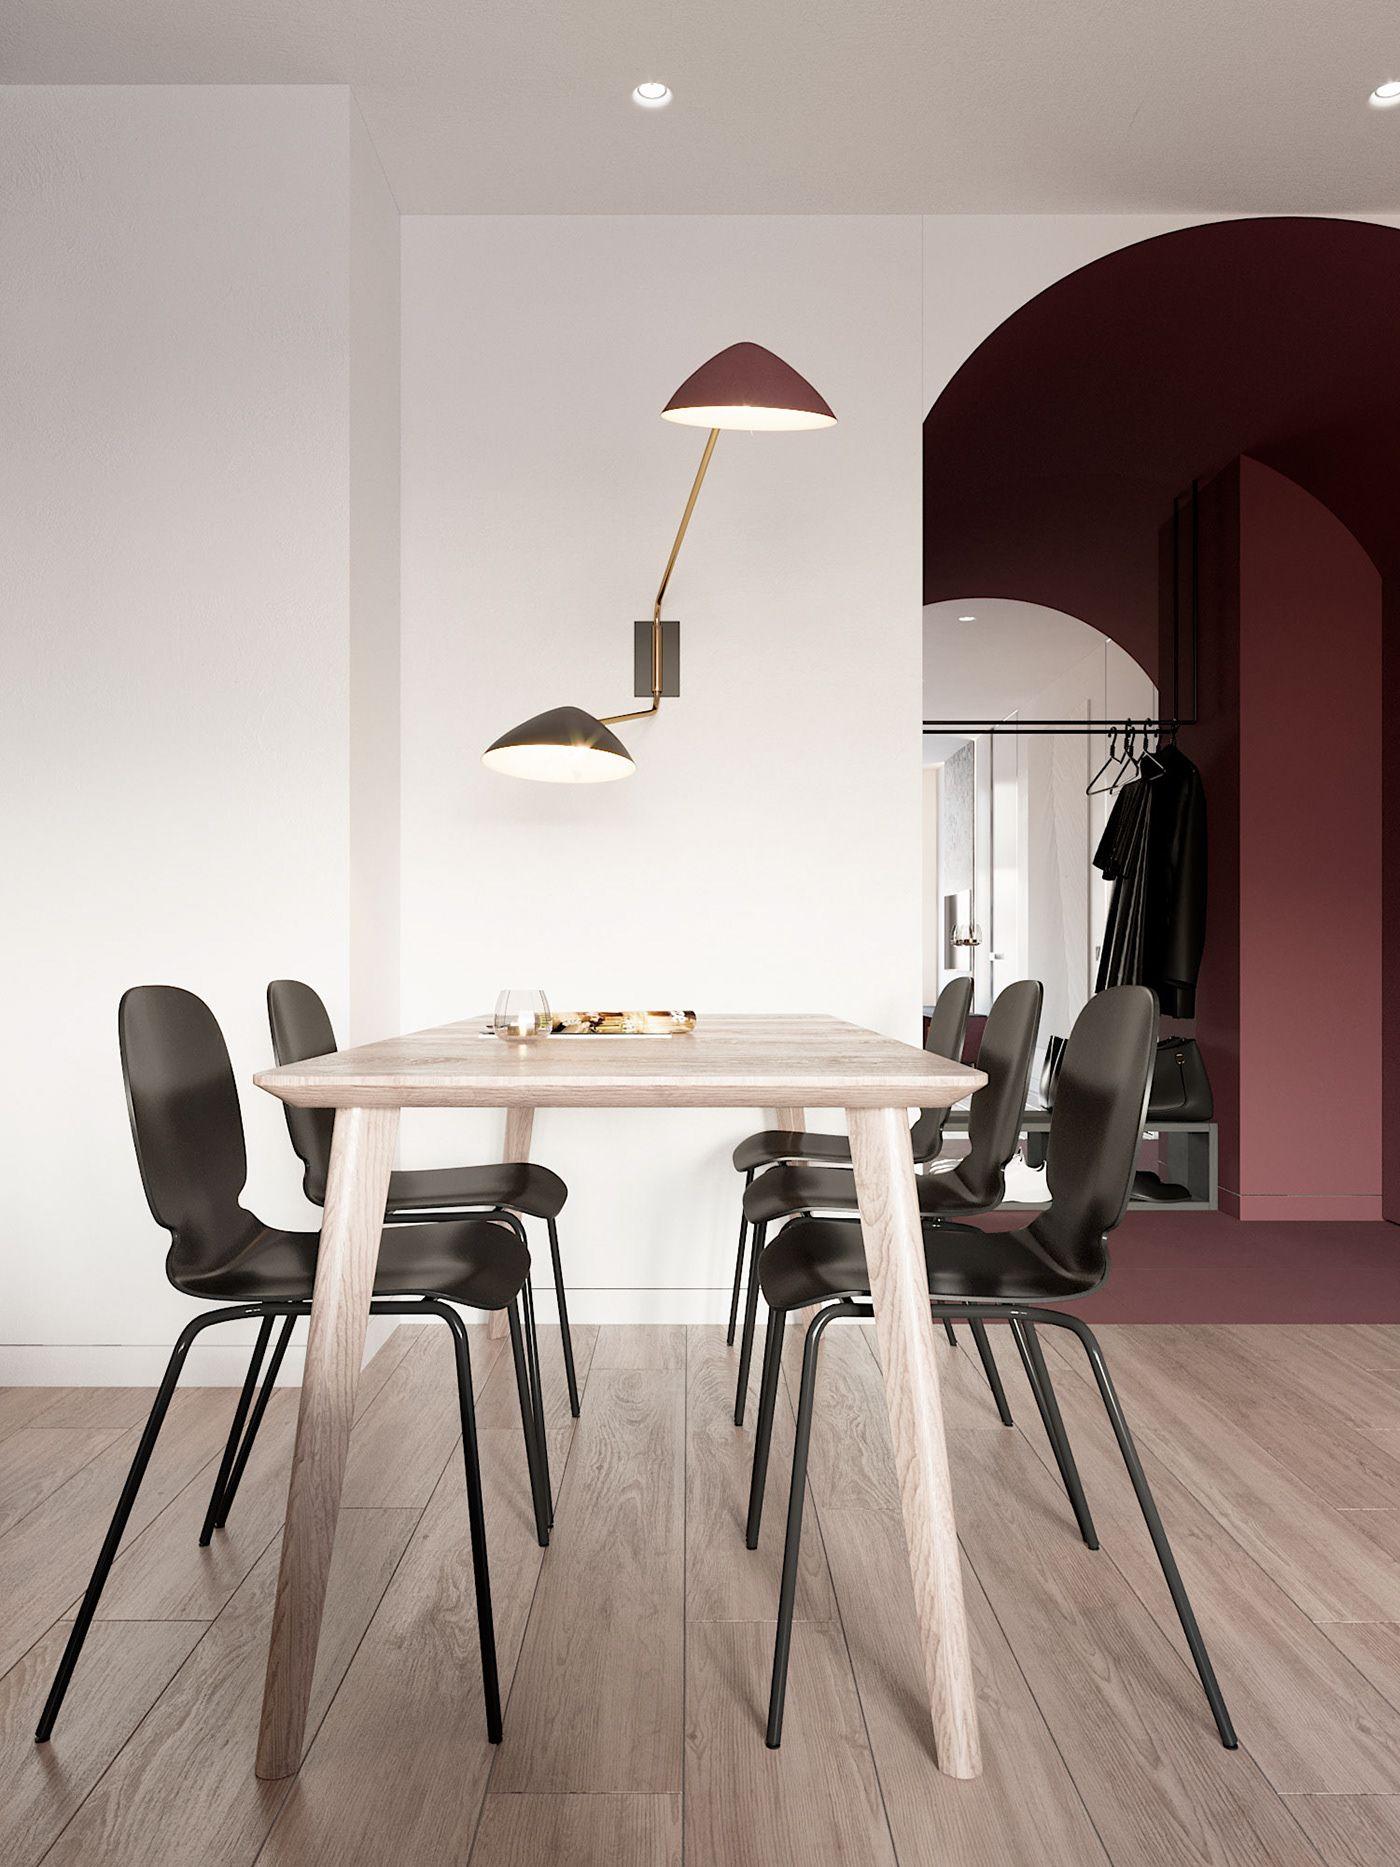 decor and design ferrari decor and design Marsala on Behance ダイニングルームのデザイン, マルサーラ, 壁の色, フェラーリ,